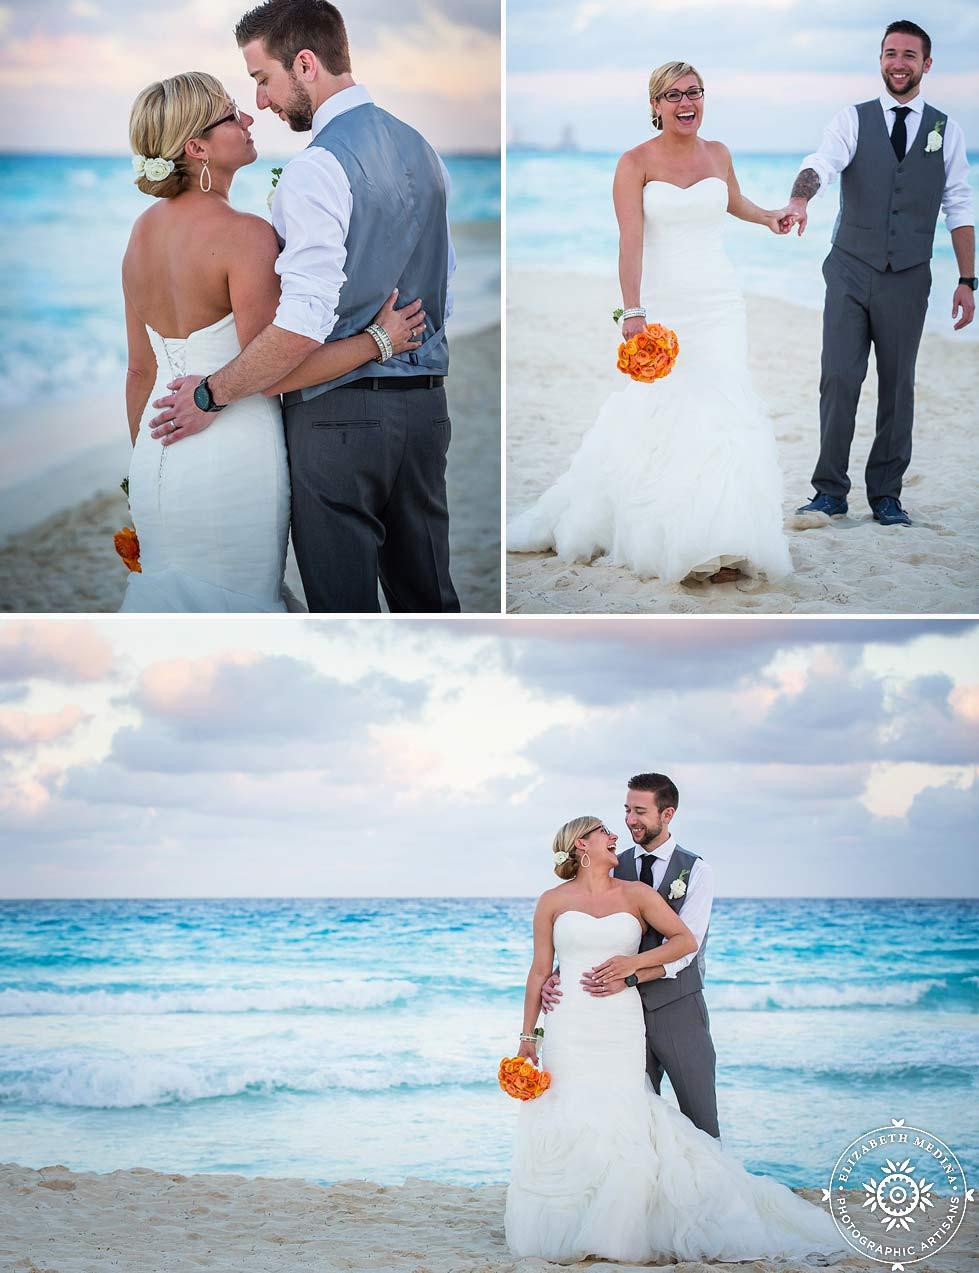 cancun_wedding_photos_elizabethmedina_021 Wedding Photography in Cancun, Paradisus Cancun, Sarah and Steve  03-01-2014